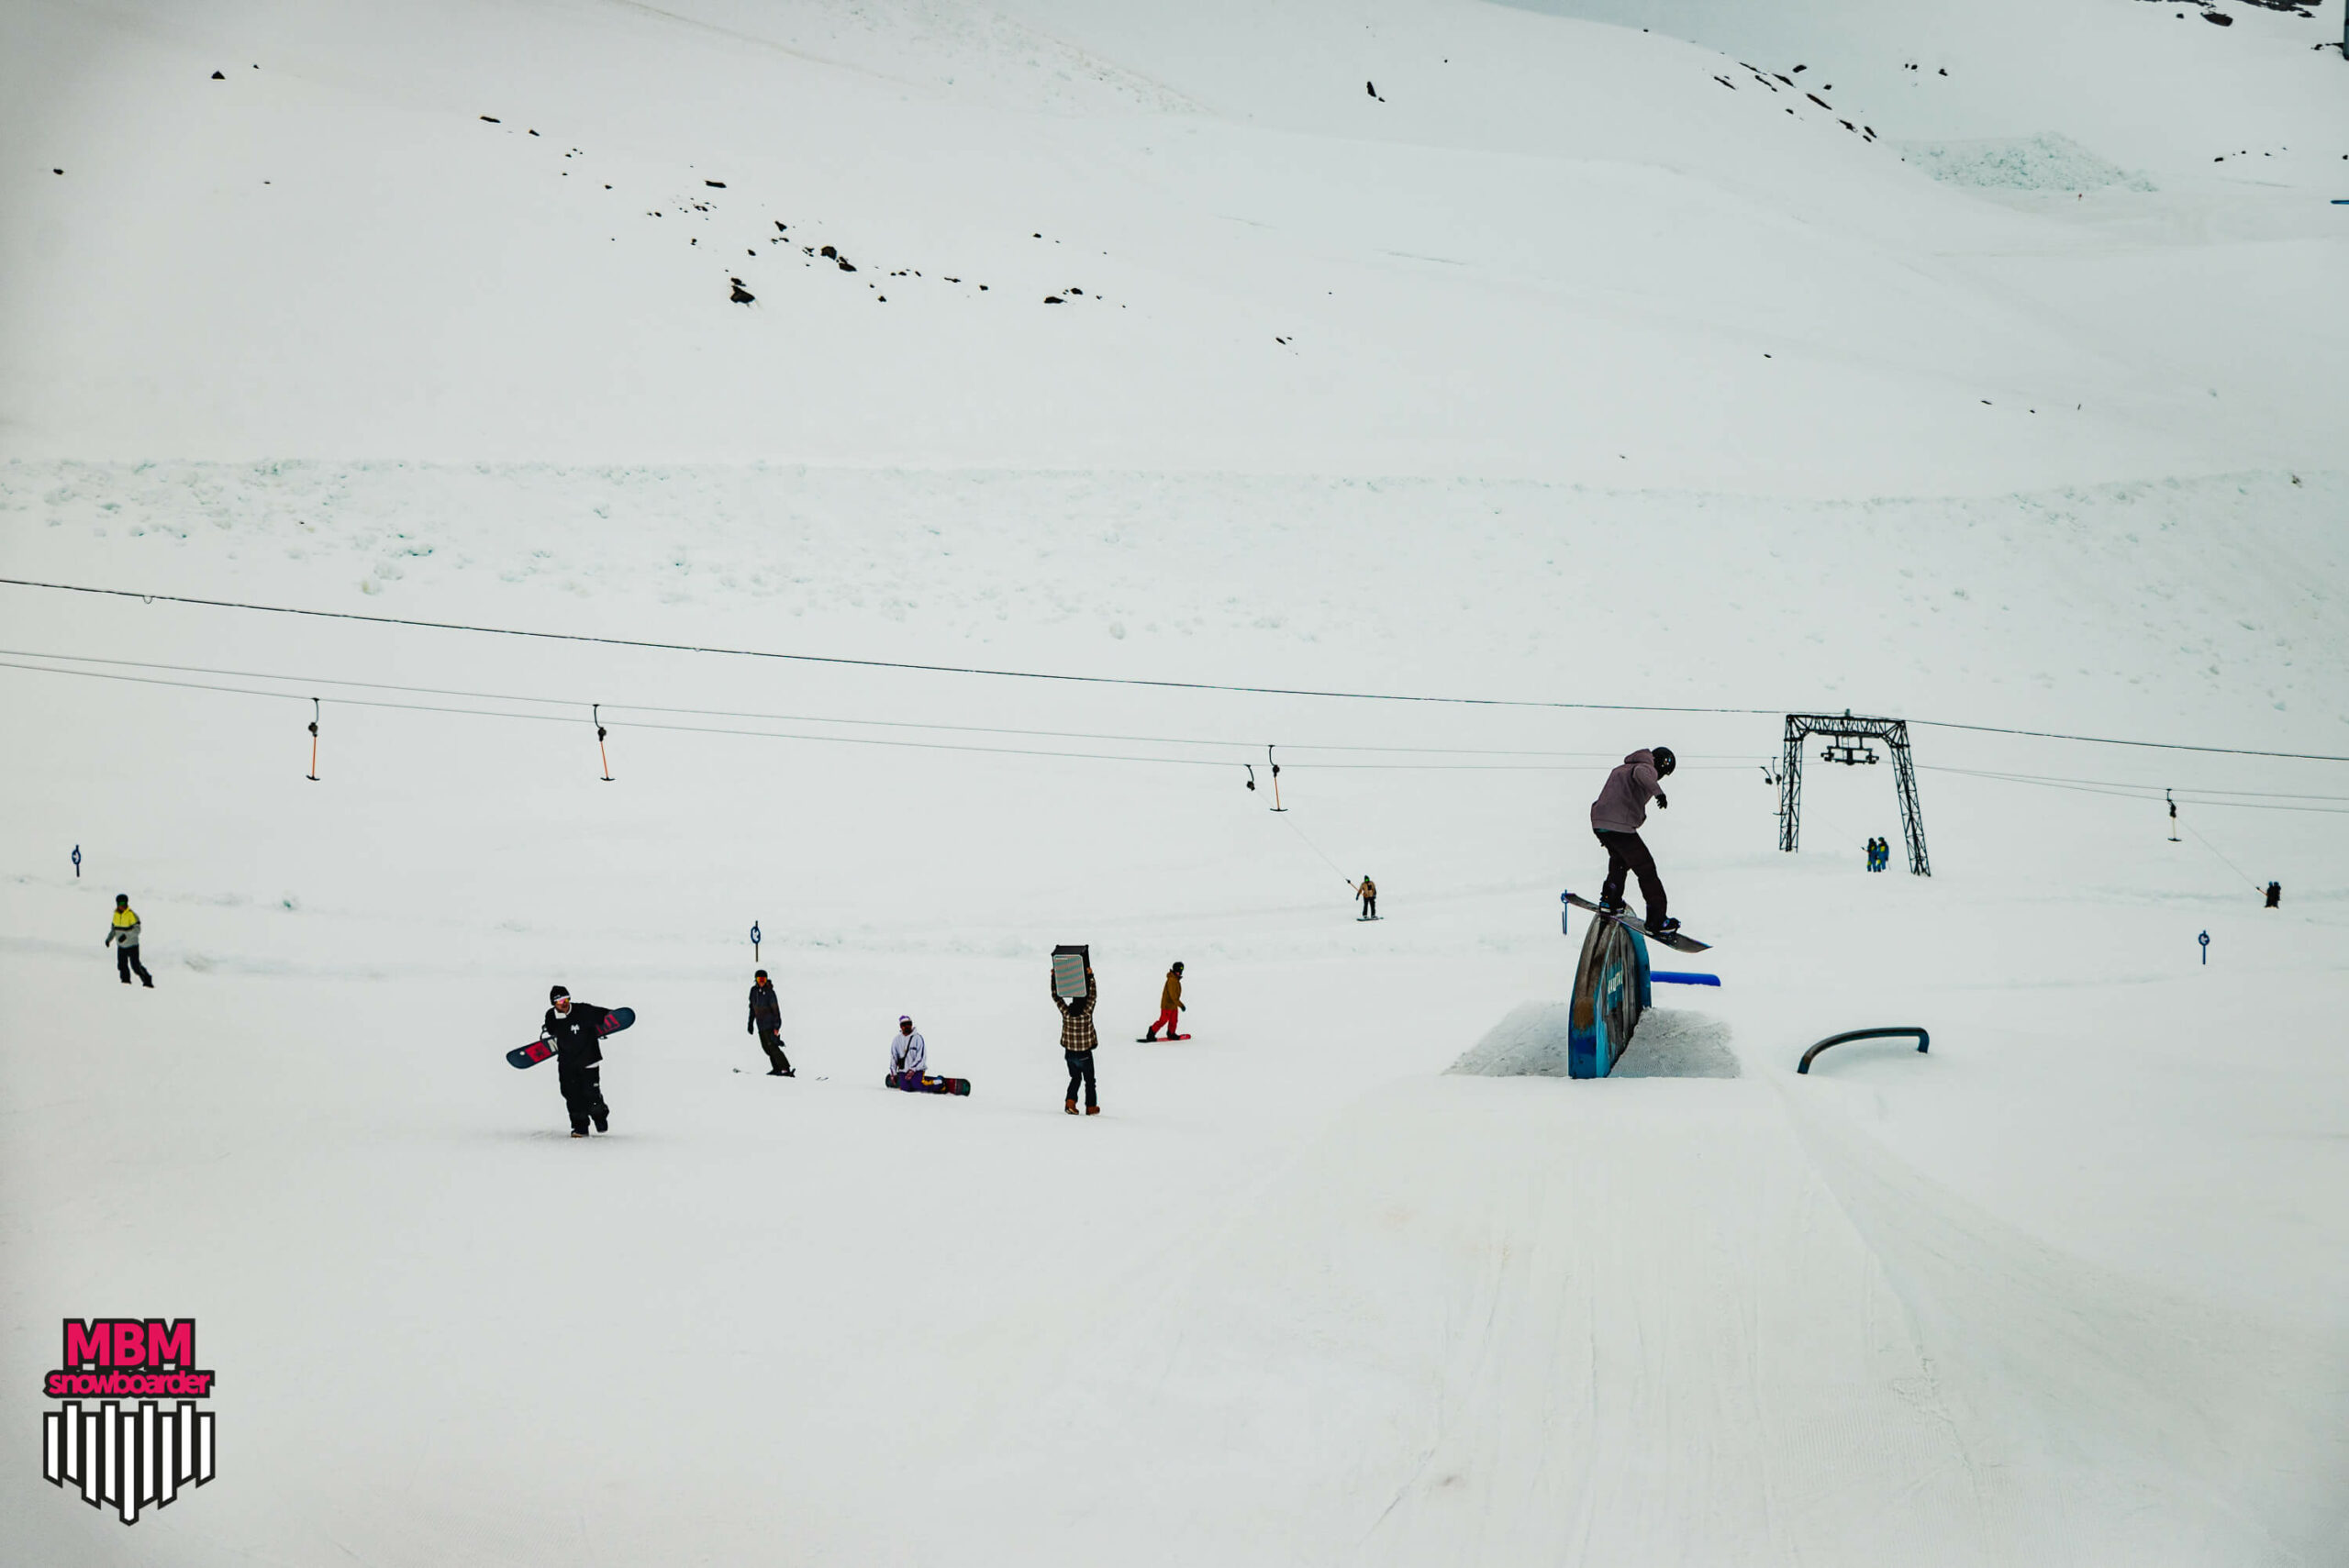 snowboarderMBM_sd_kaunertal_081